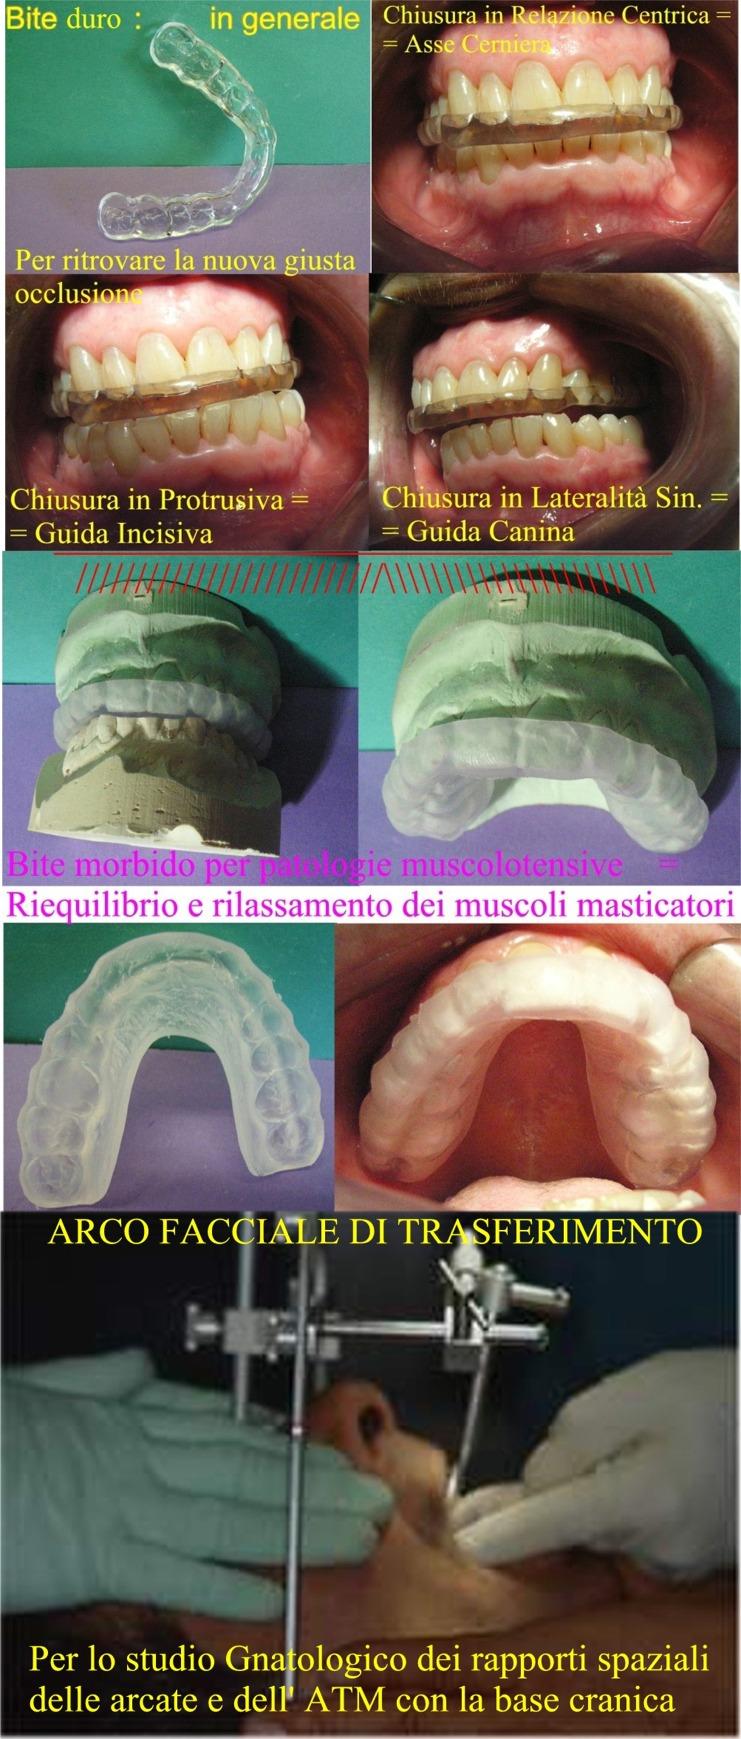 Diversi tipi di Bite ed arco facciale per completare visita gnatologica. Da casistica del Dr. Gustavo Petti di Cagliari